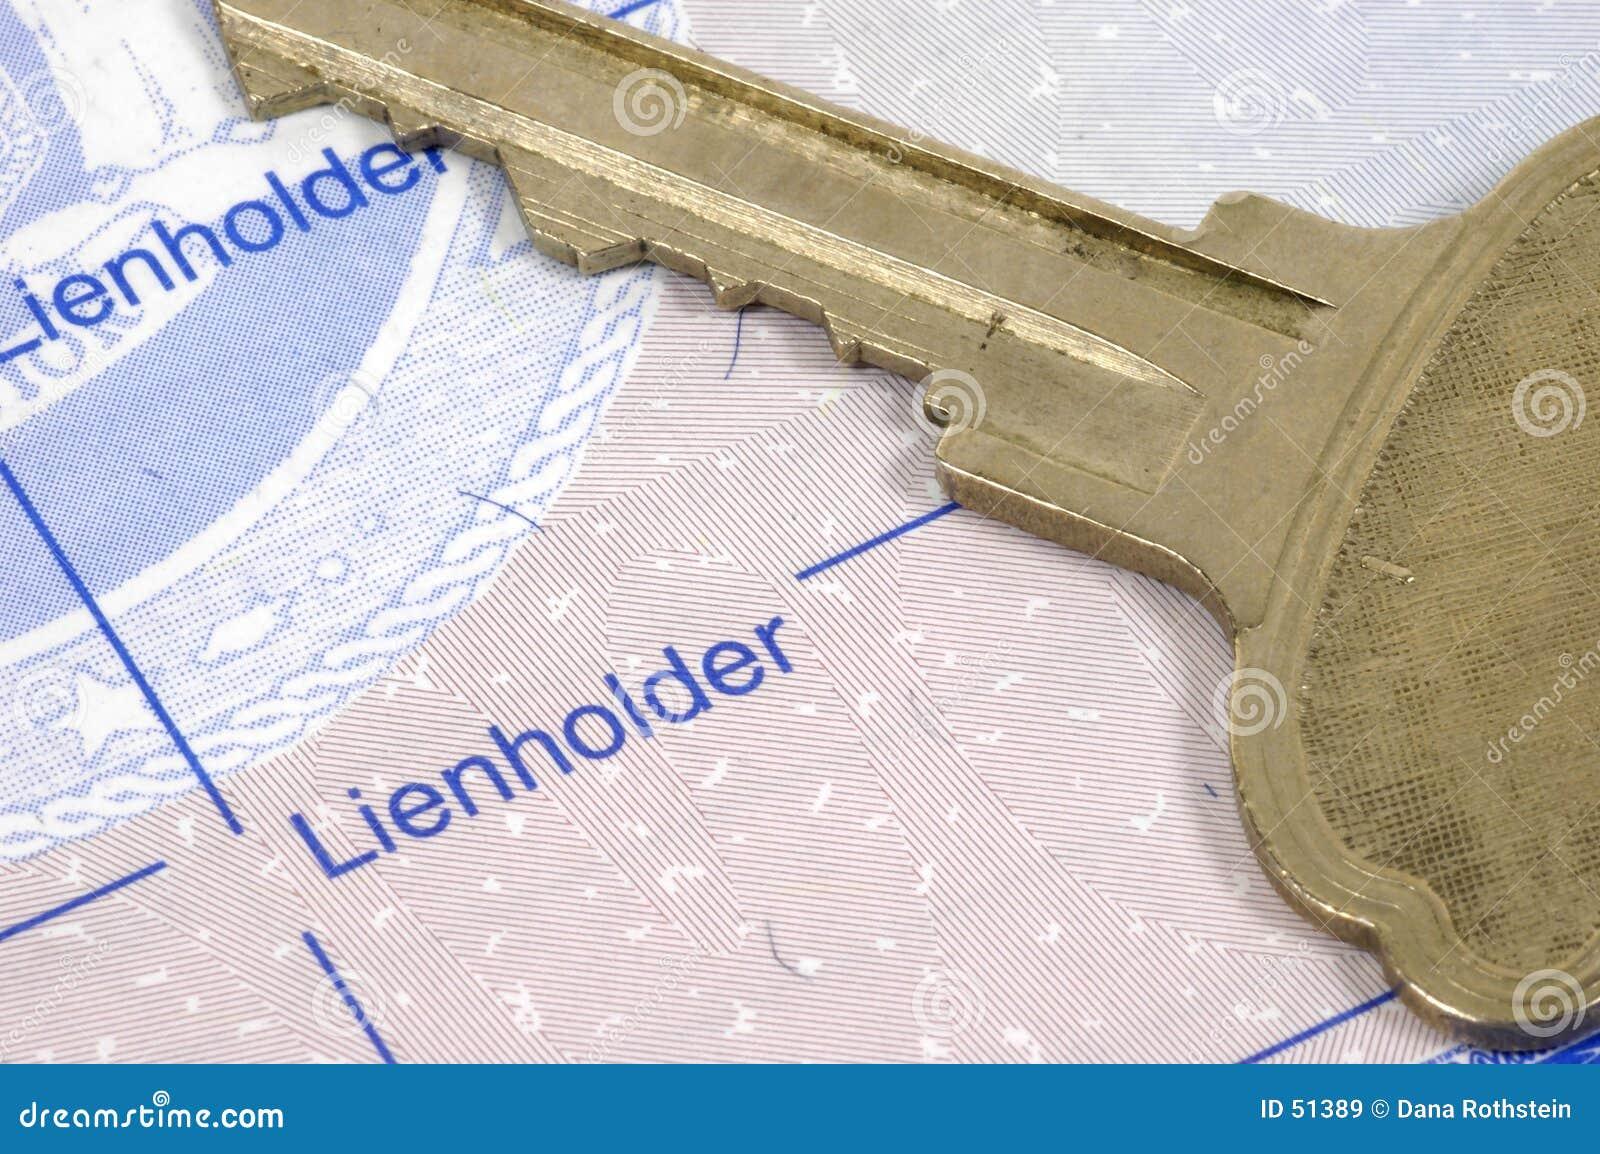 Lienholder